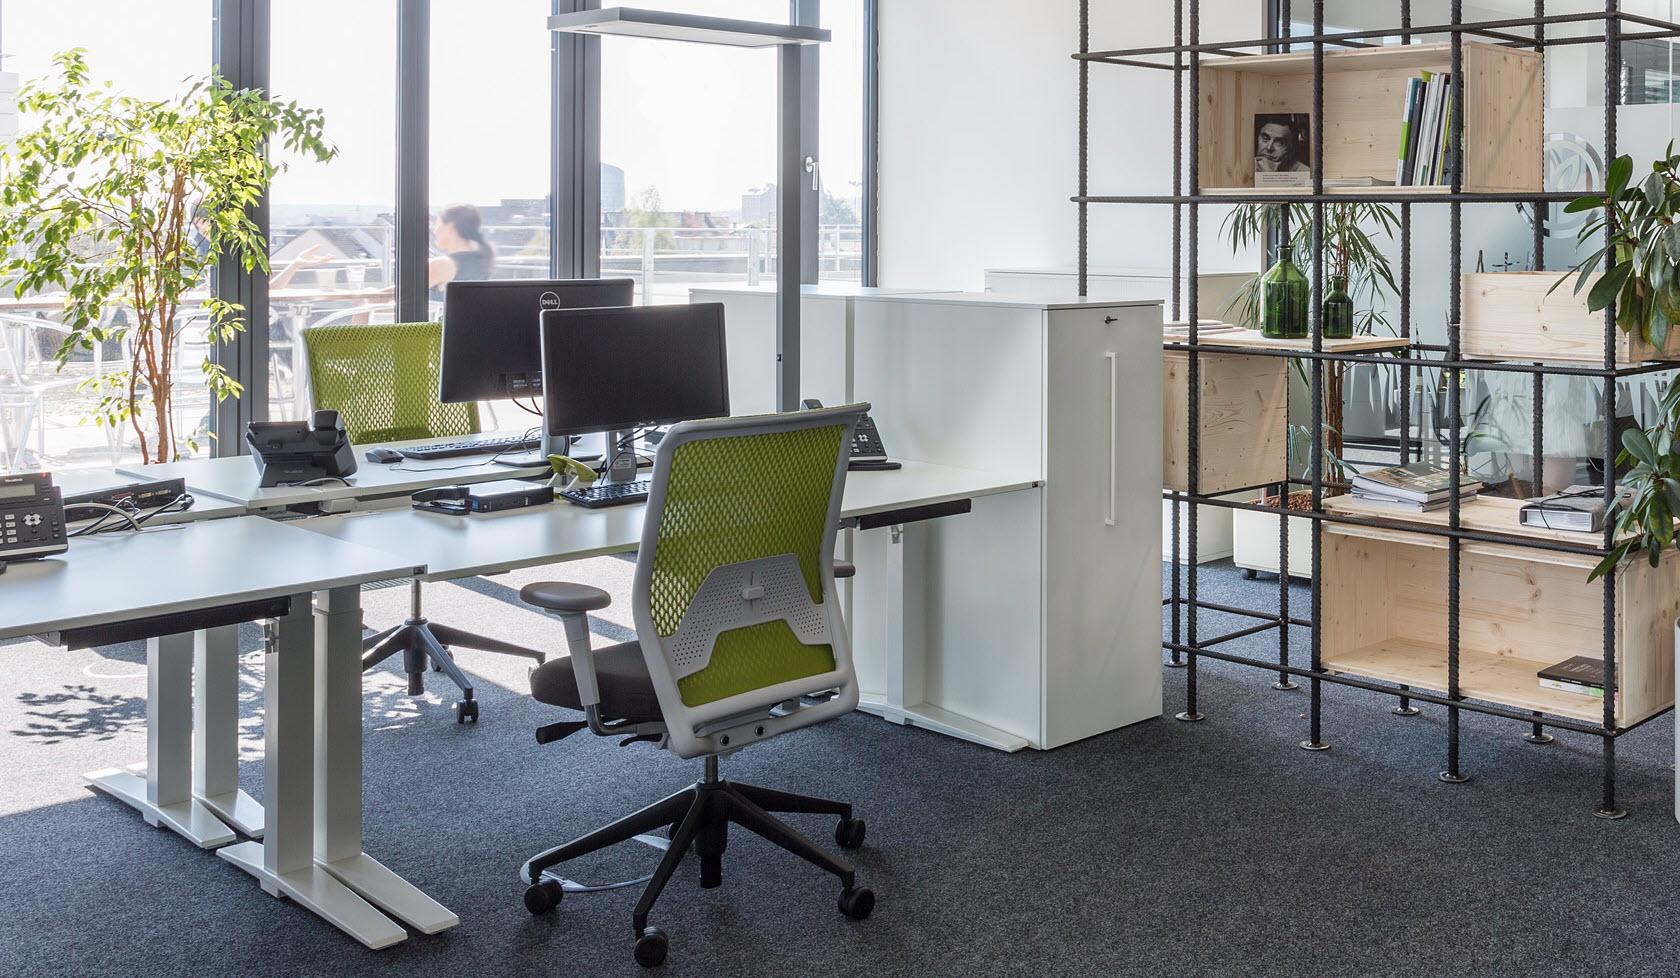 designfunktion-blog-ergonomie-arbeitsplatz-buero-1